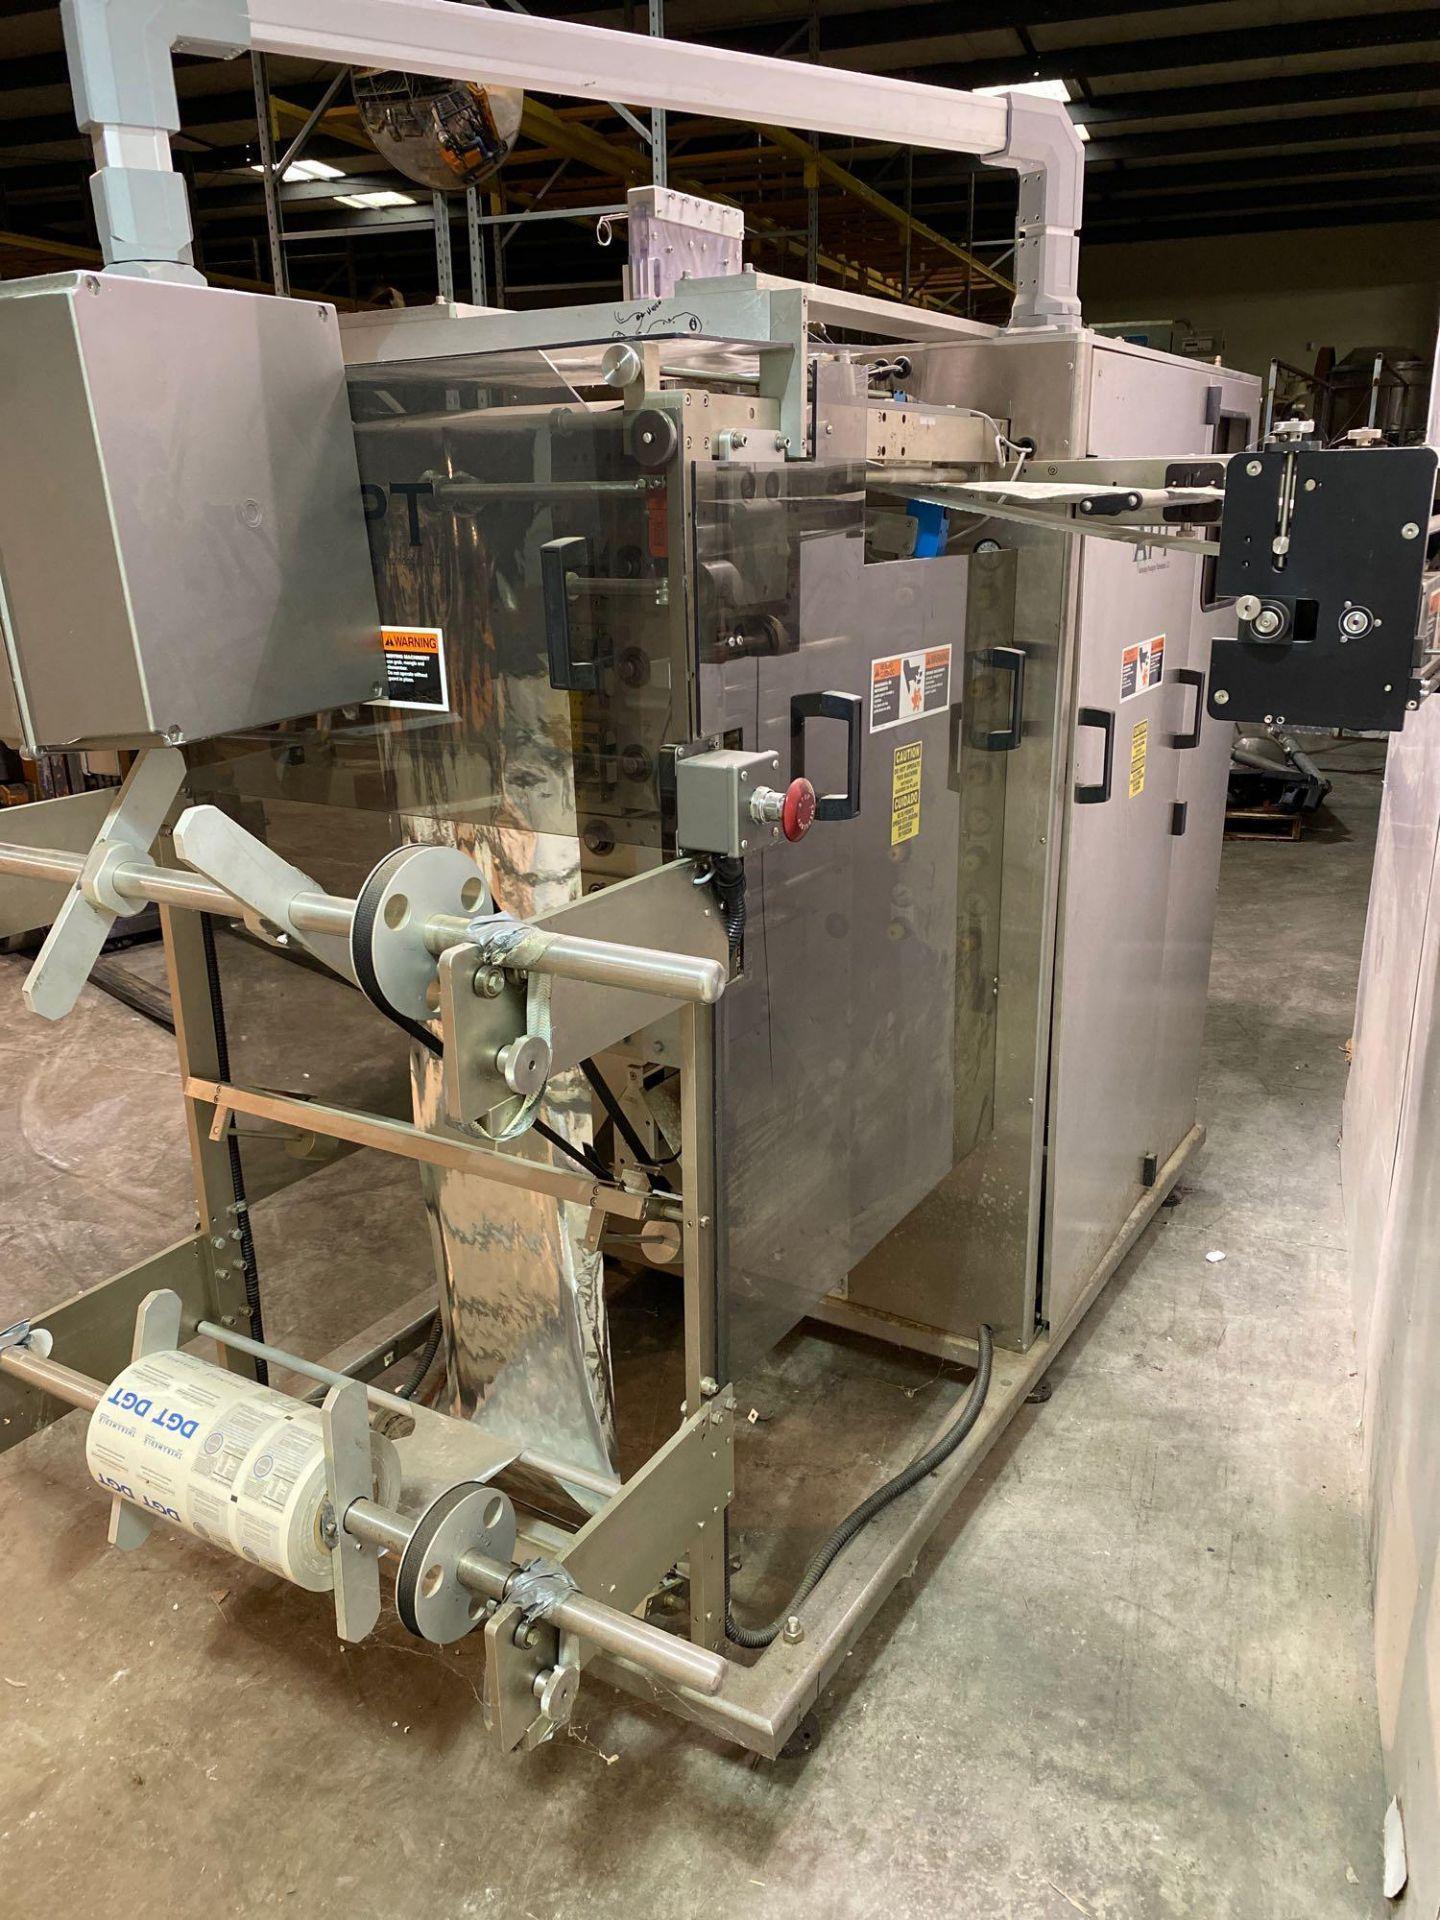 APT Packaging Foil Packaging Machine - Image 8 of 27